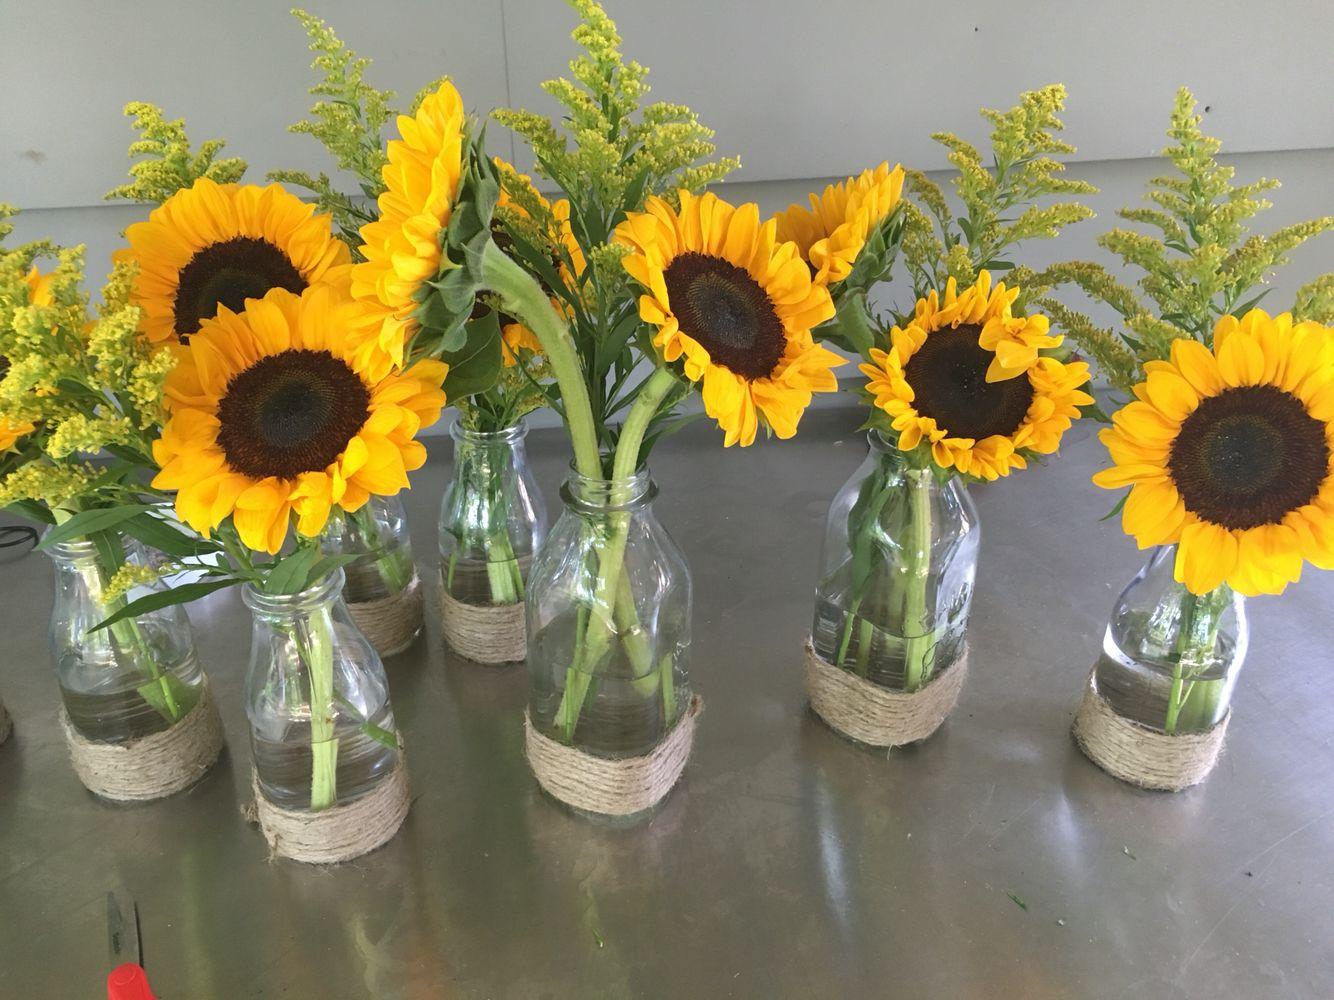 Fesselnd Deko Mit Sonnenblumen   Bilder Und Fotos   Sunflowers   Pinterest    Sunflowers, Sunflower Arrangements And Burlap